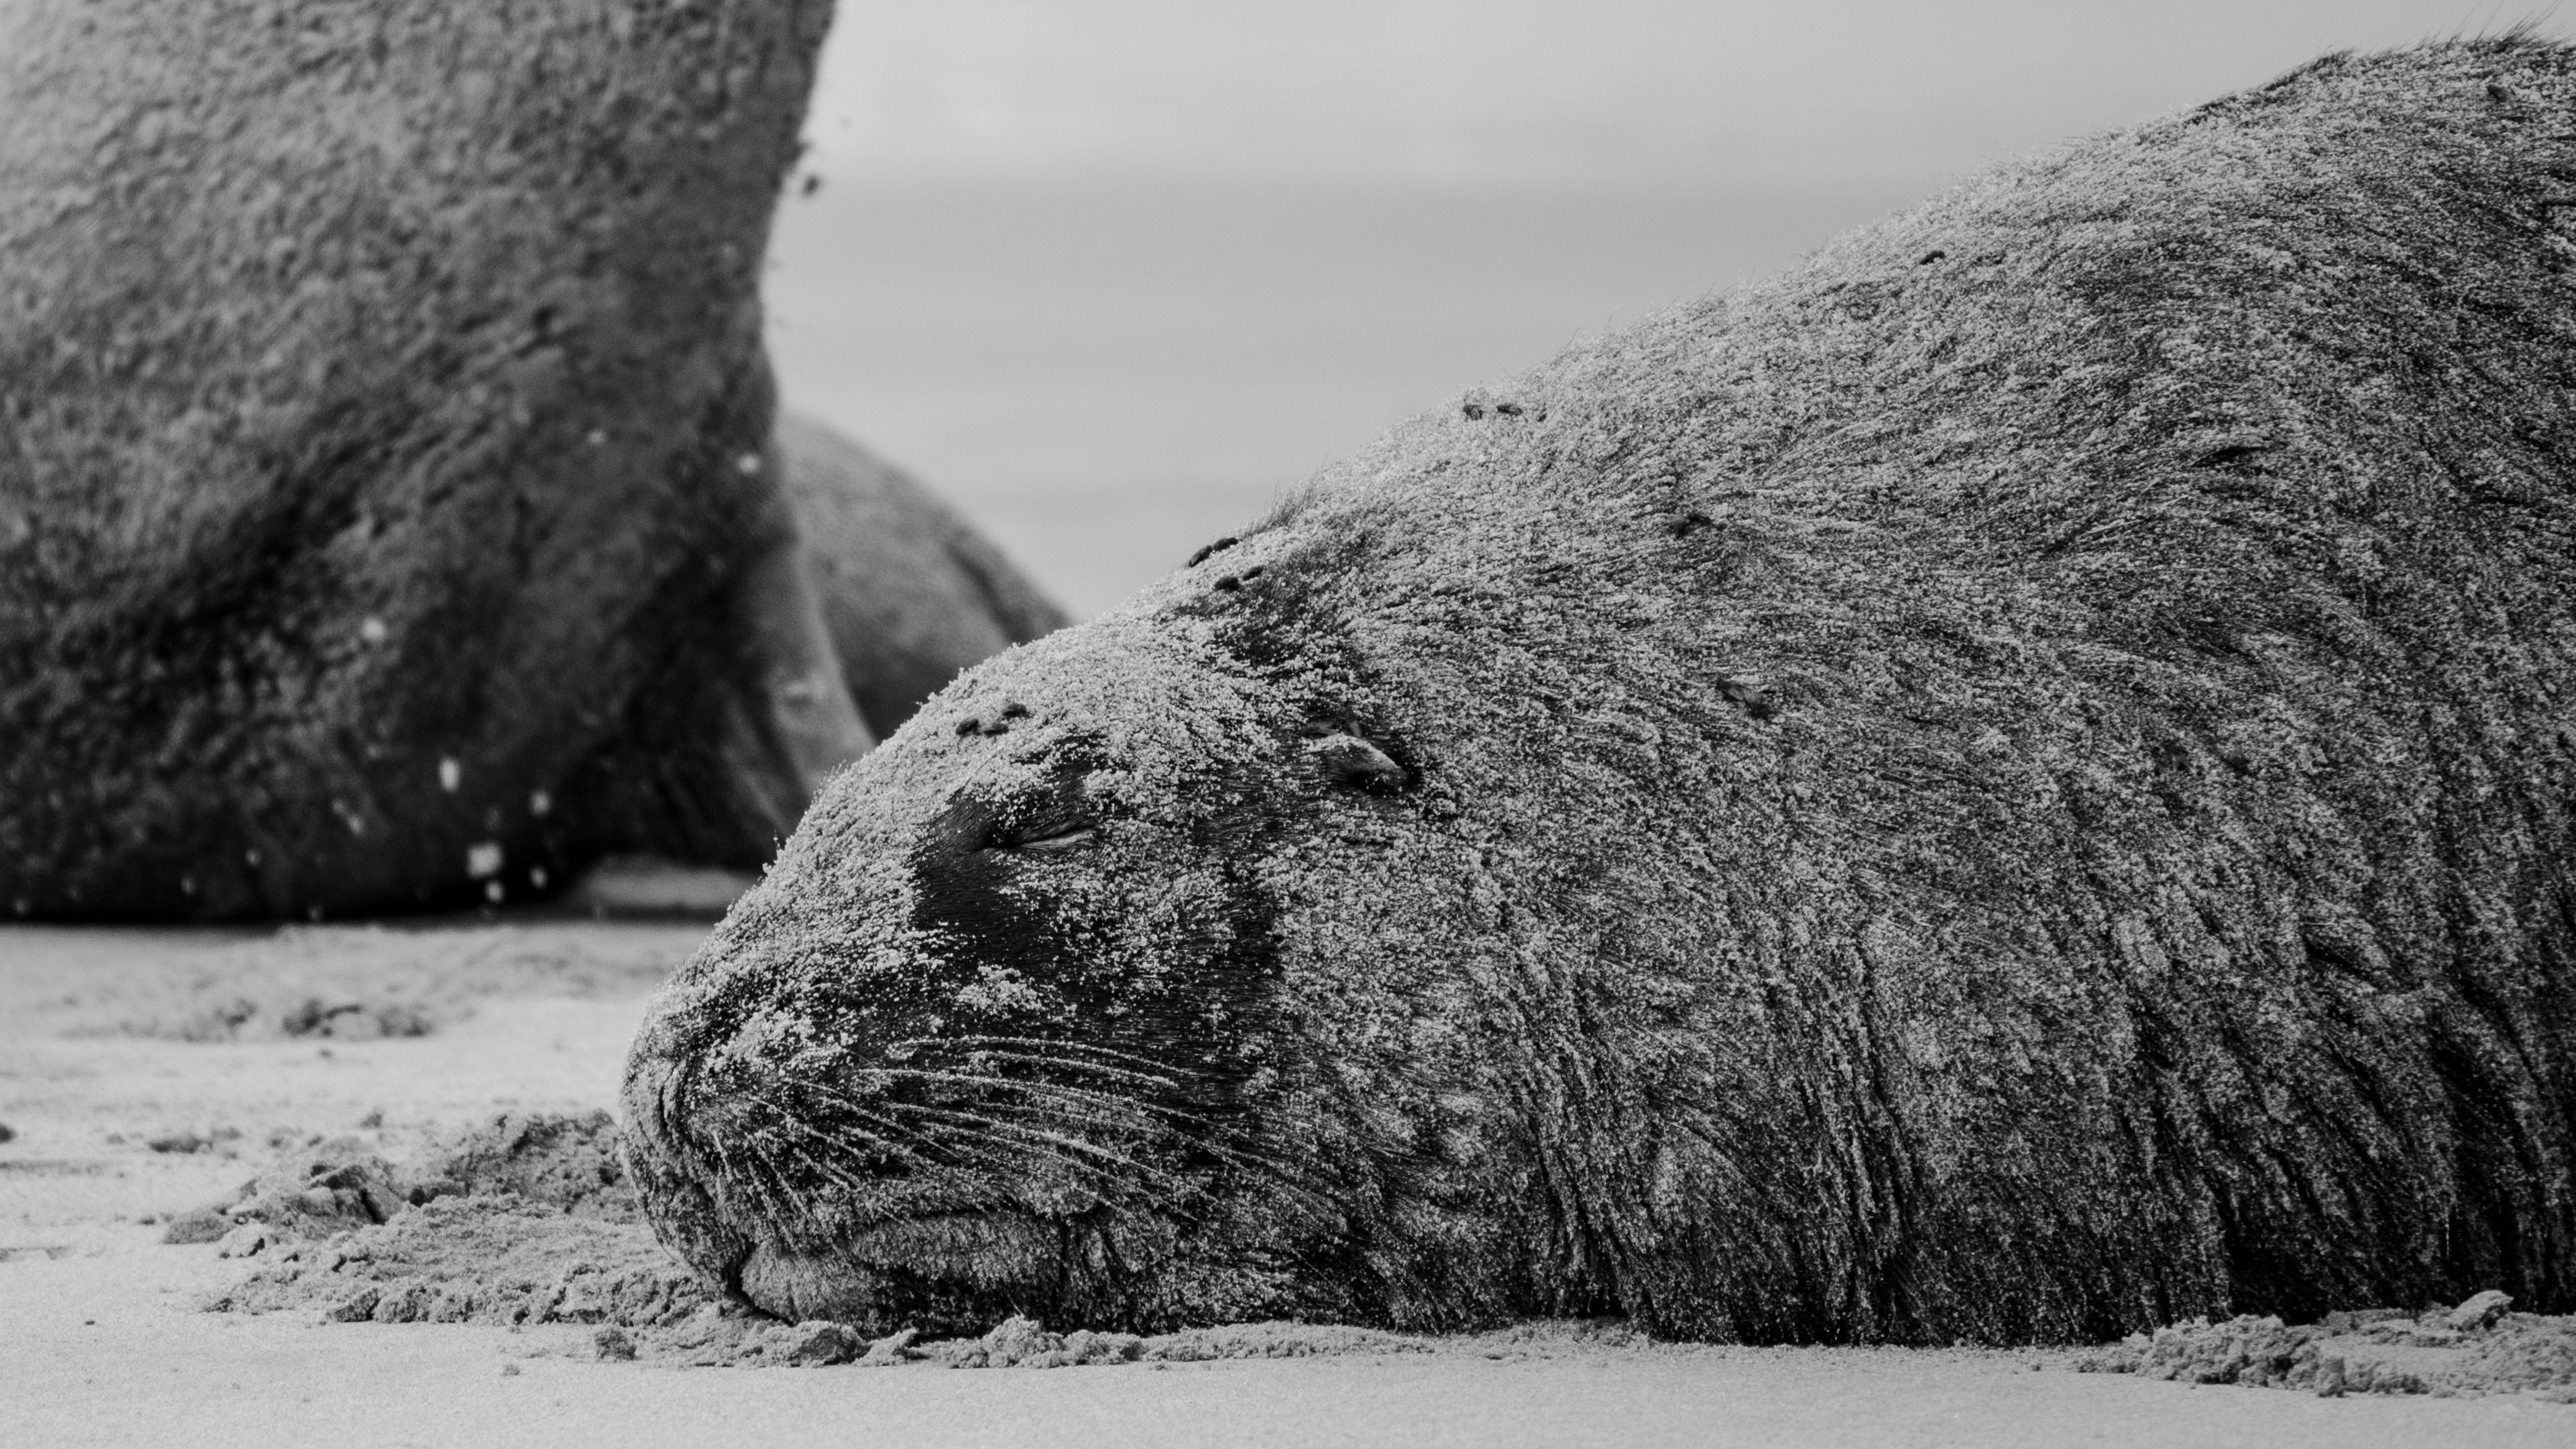 Lvouni, neboli lachtani hřivnatí, si dávají záležet, aby byli neustále pokryti vrstvou písku, snadno je tak přehlédnete.